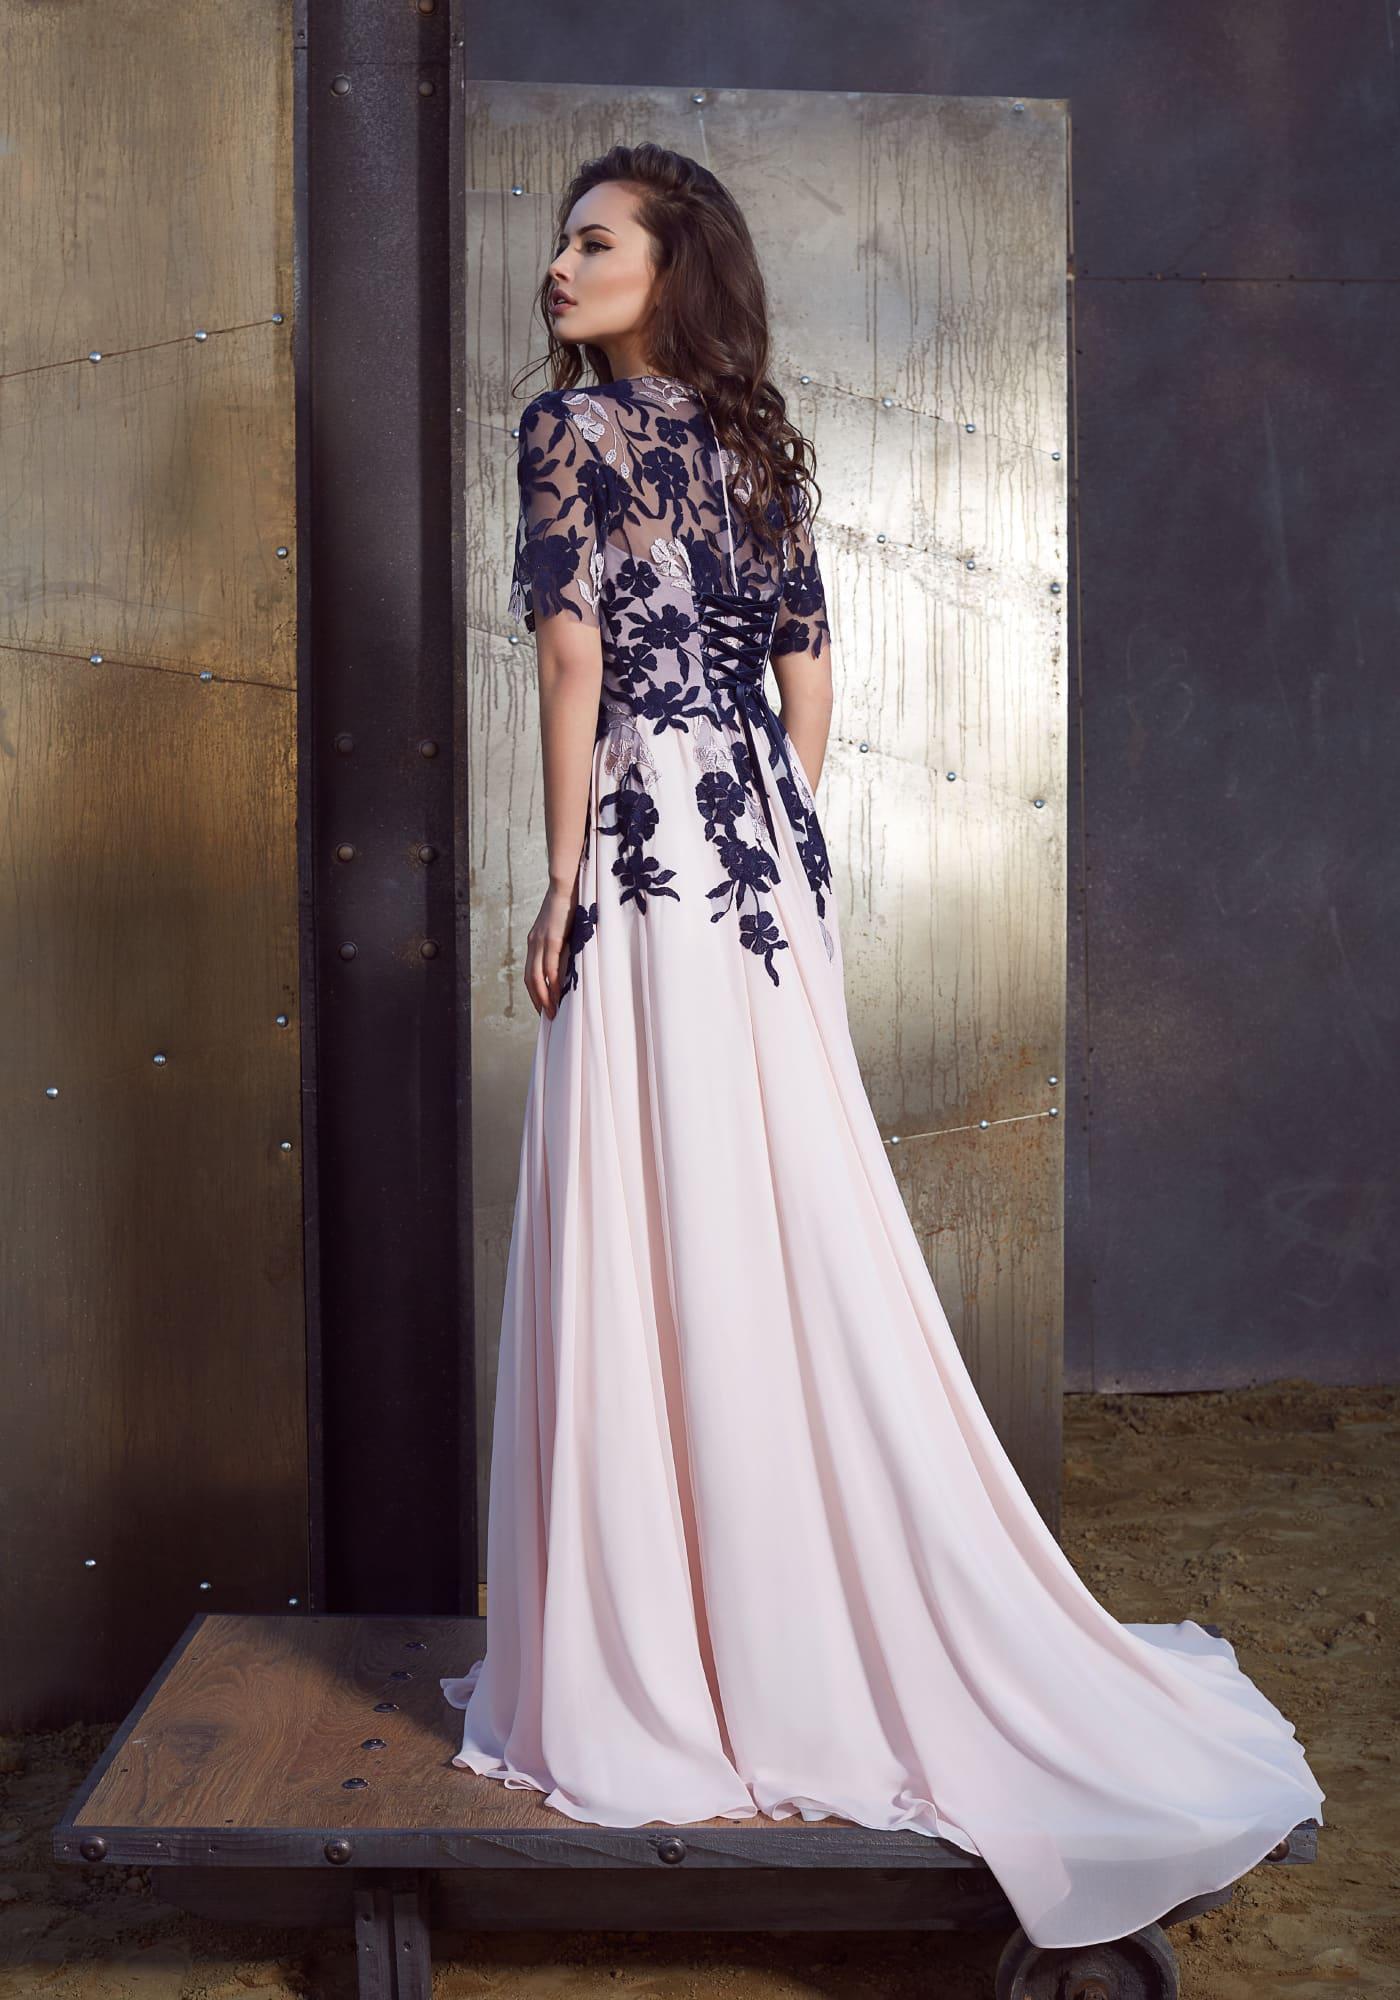 Розовое вечернее платье с элегантным вырезом, коротким рукавом и декором из аппликаций.